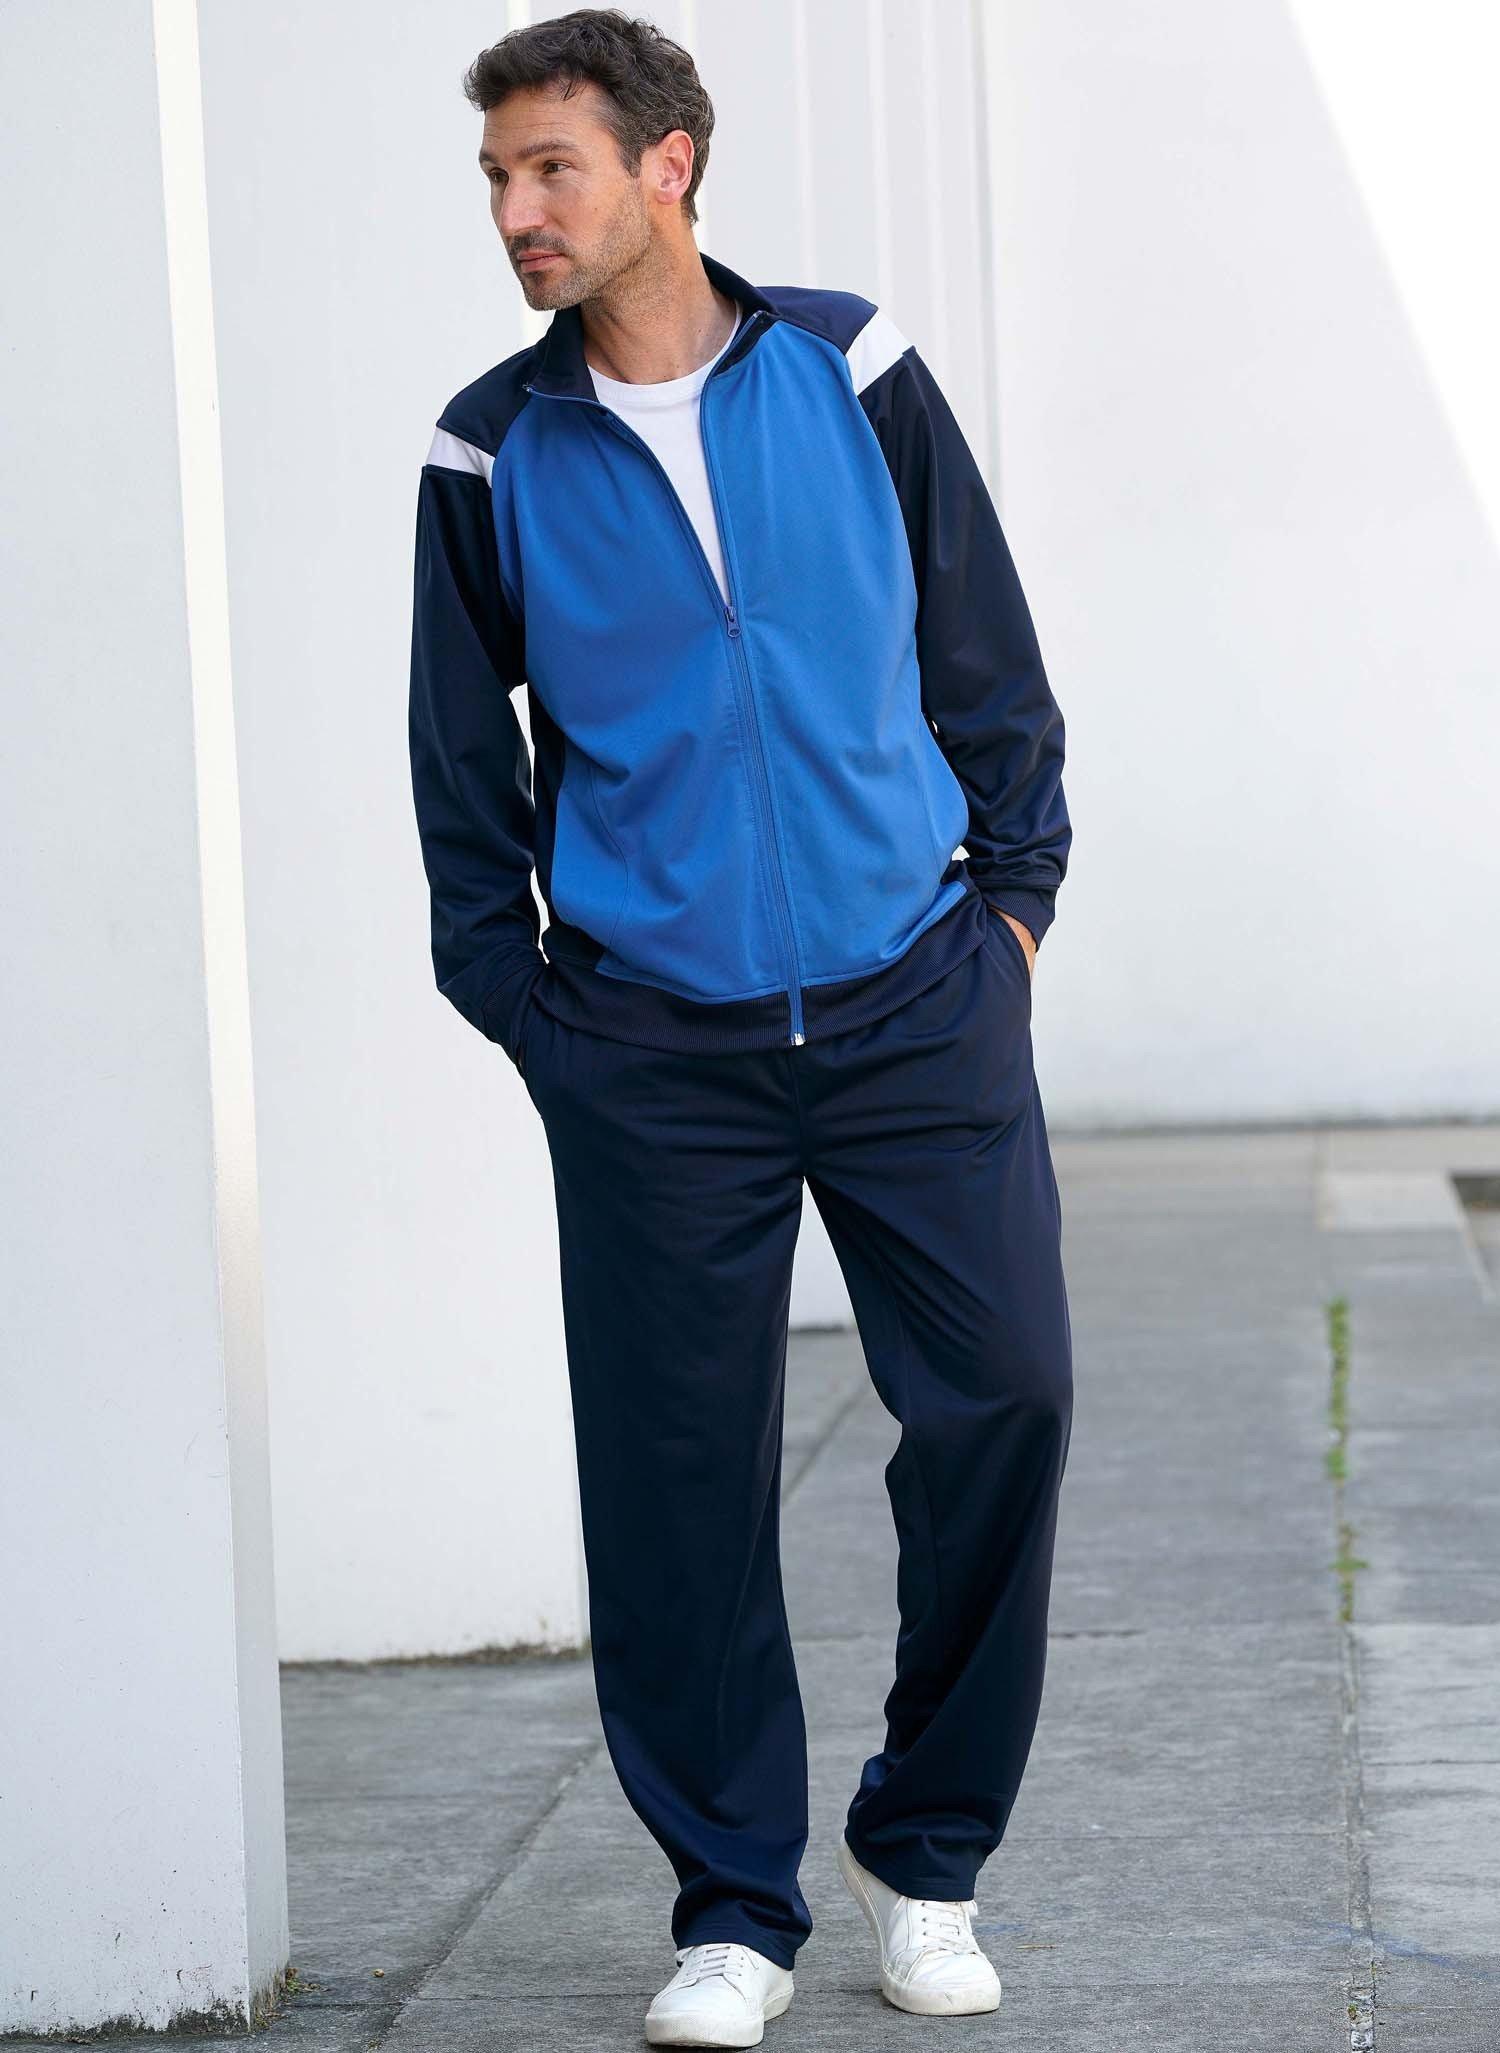 H-Jogging-Anzug marine/k'blau L 052 - 2 - Ronja.ch